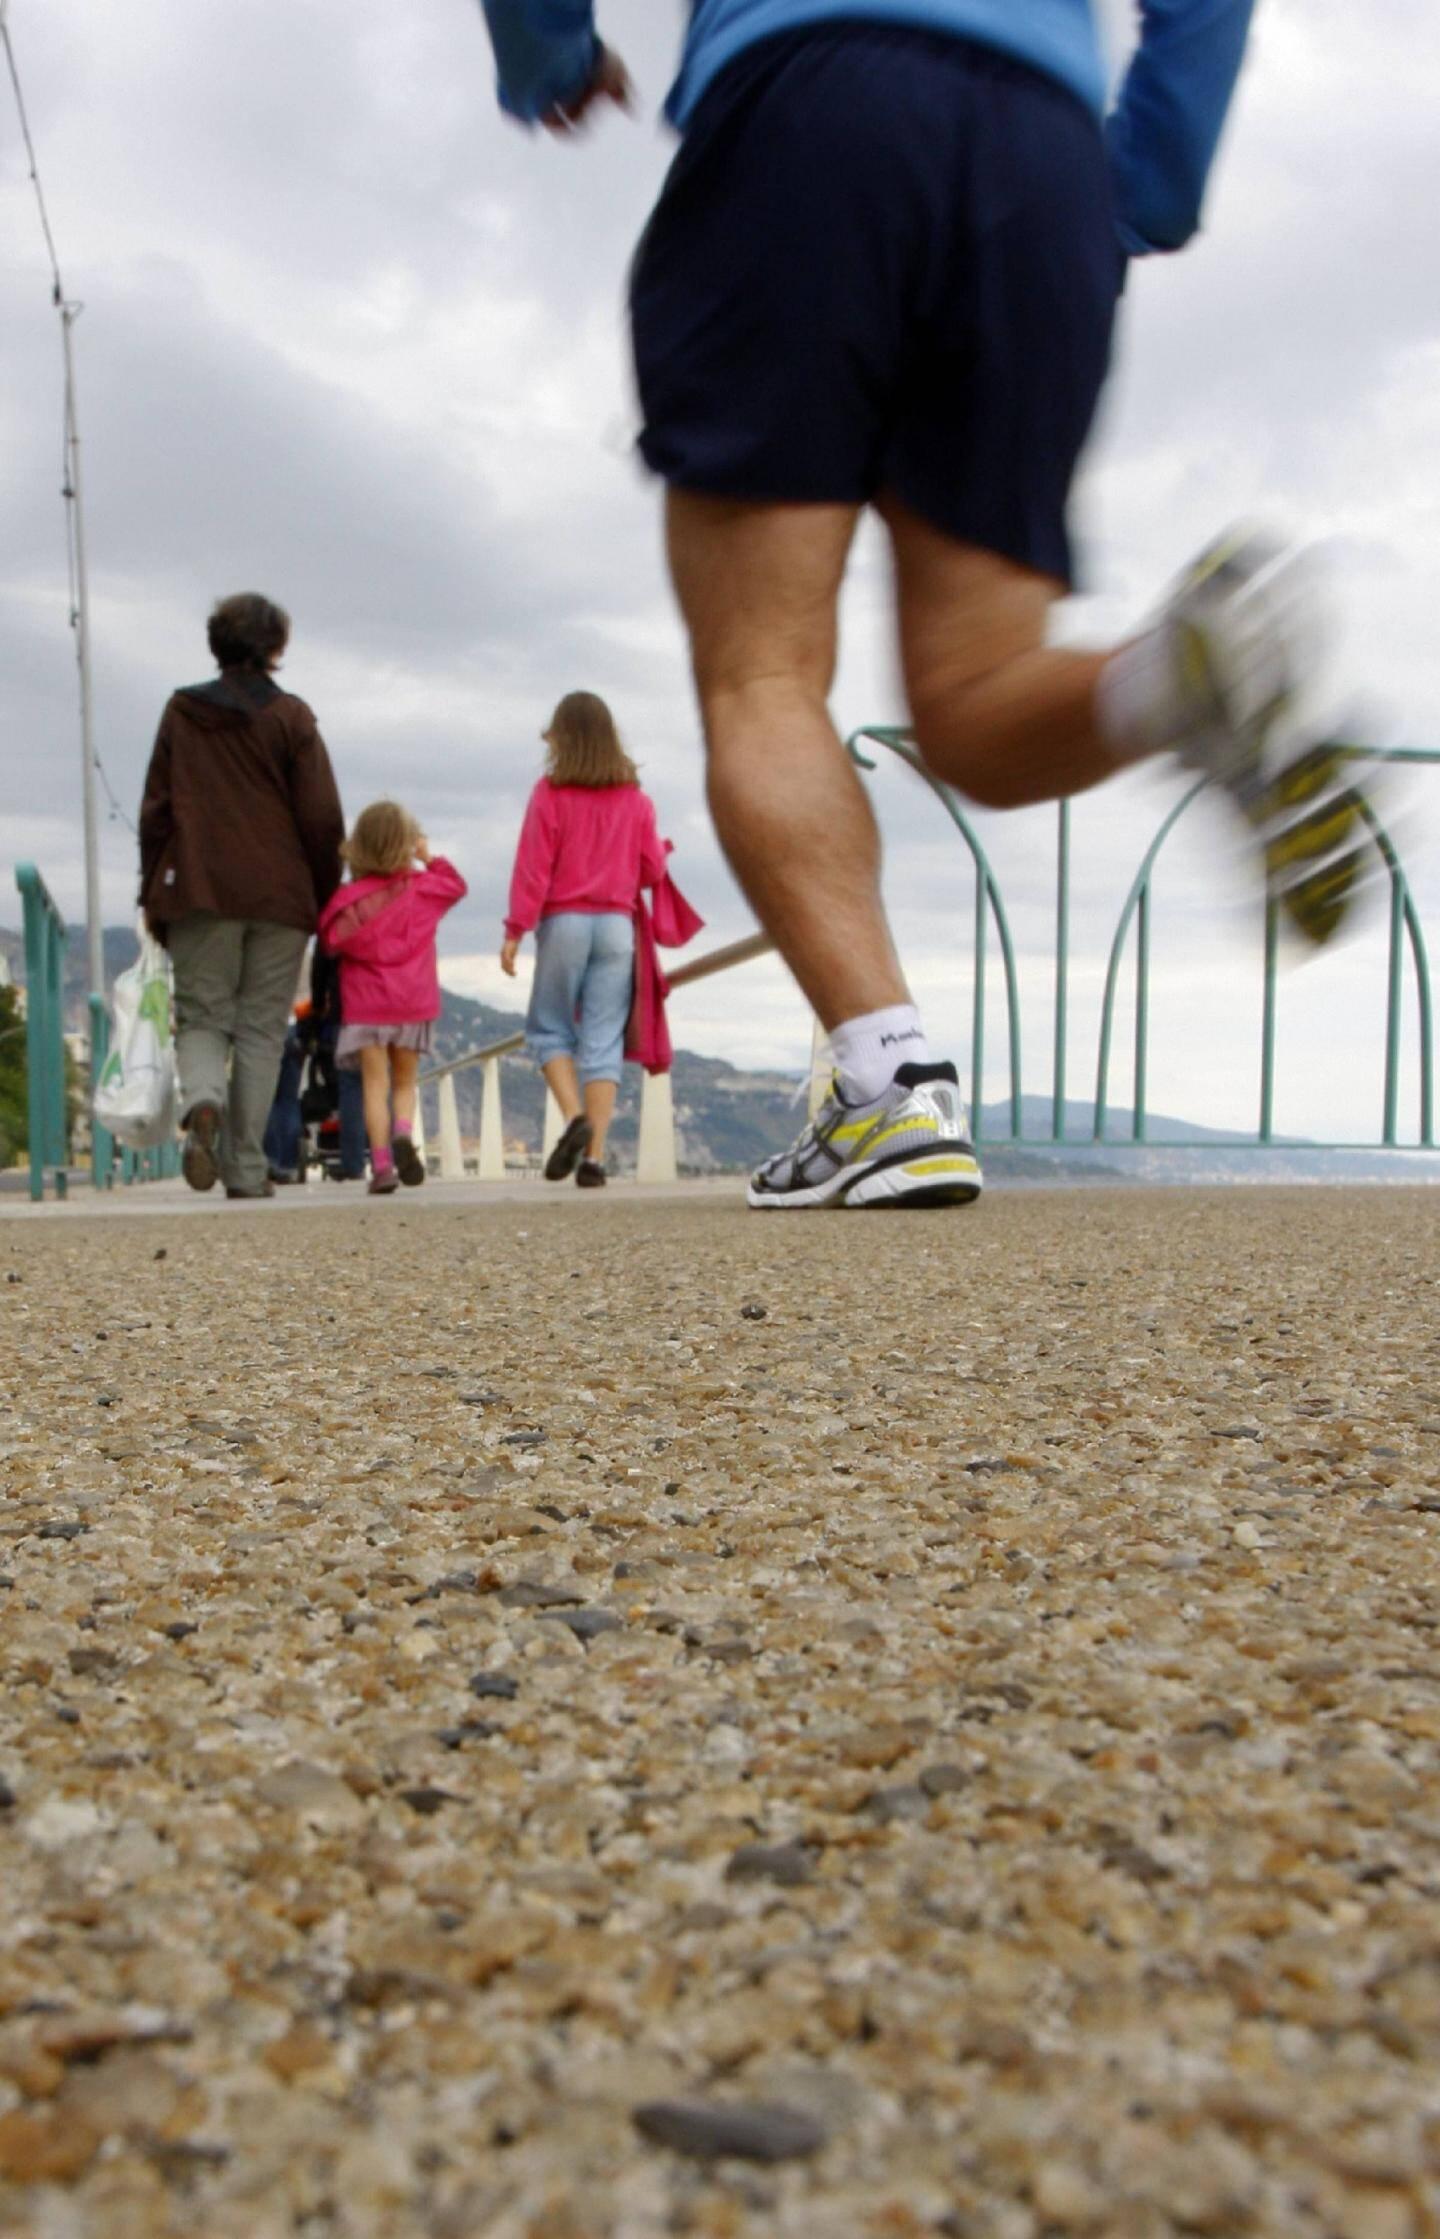 Un enrobé « végétal » jaune remplacera le revêtement d'origine. Plus agréable pour les promeneurs et plus souple pour les sportifs.